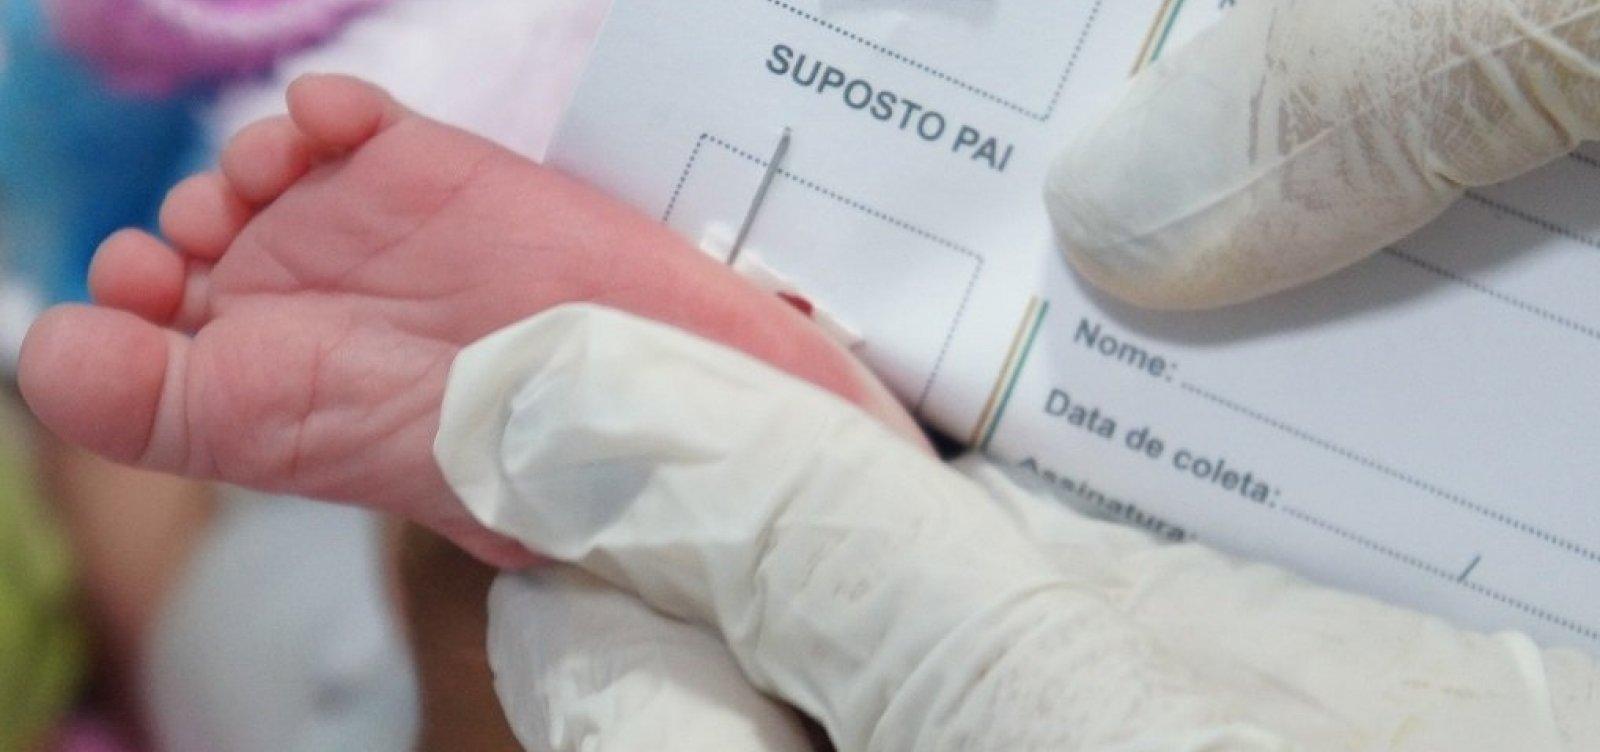 Como estímulo à paternidade, mutirão de exames de DNA é realizado em Conceição de Coité